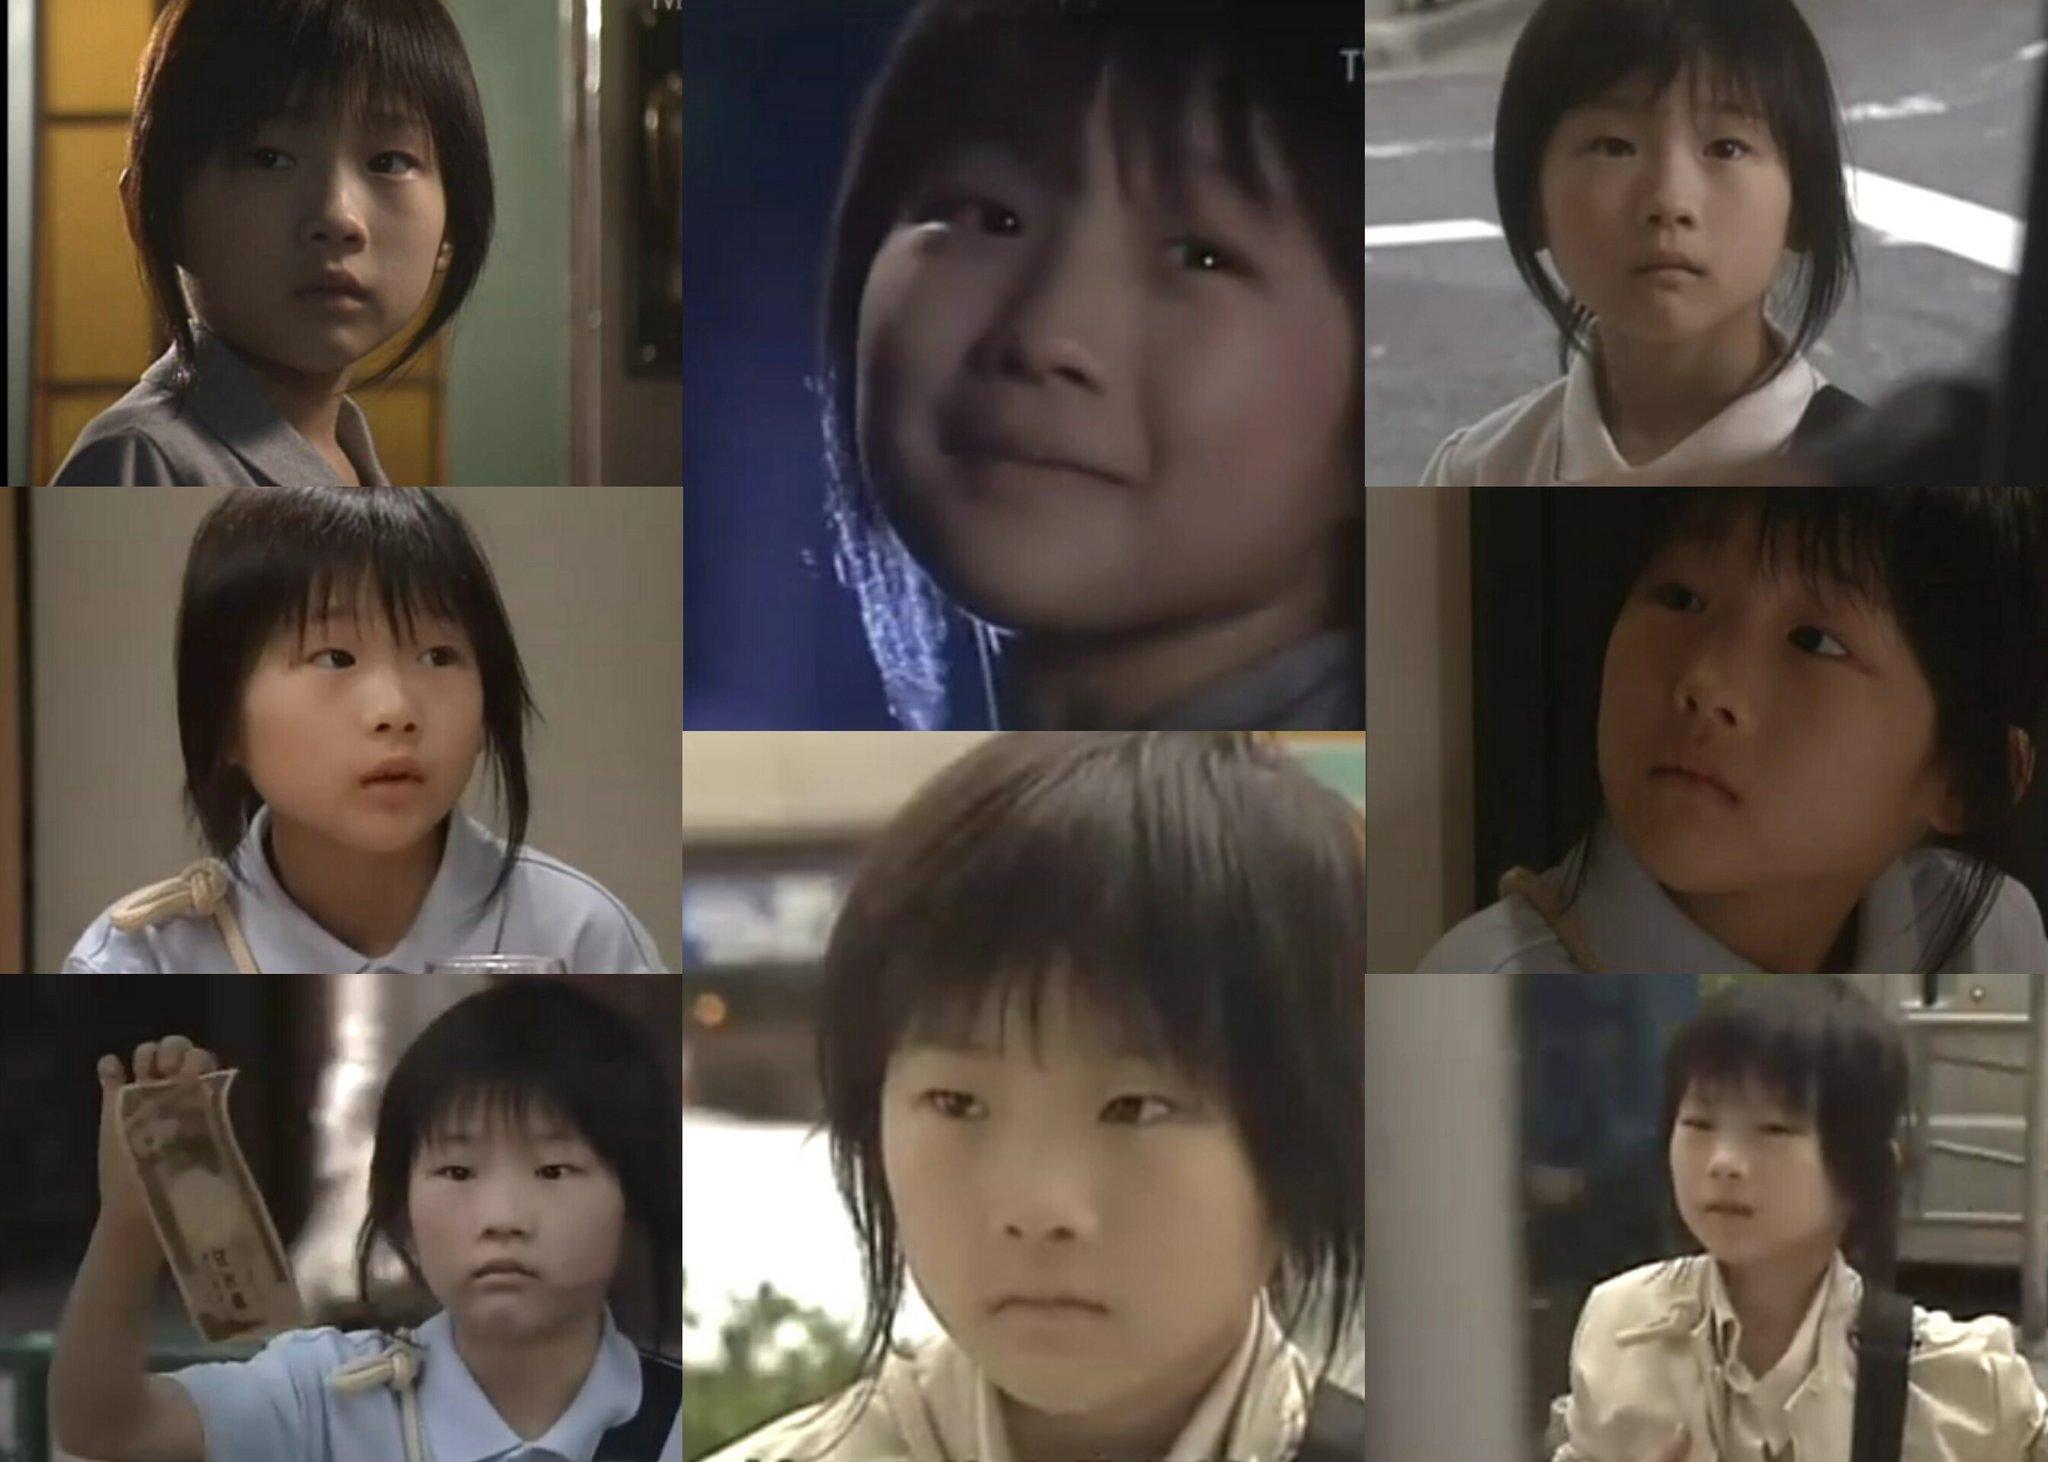 伊藤沙莉の子役時代の画像集